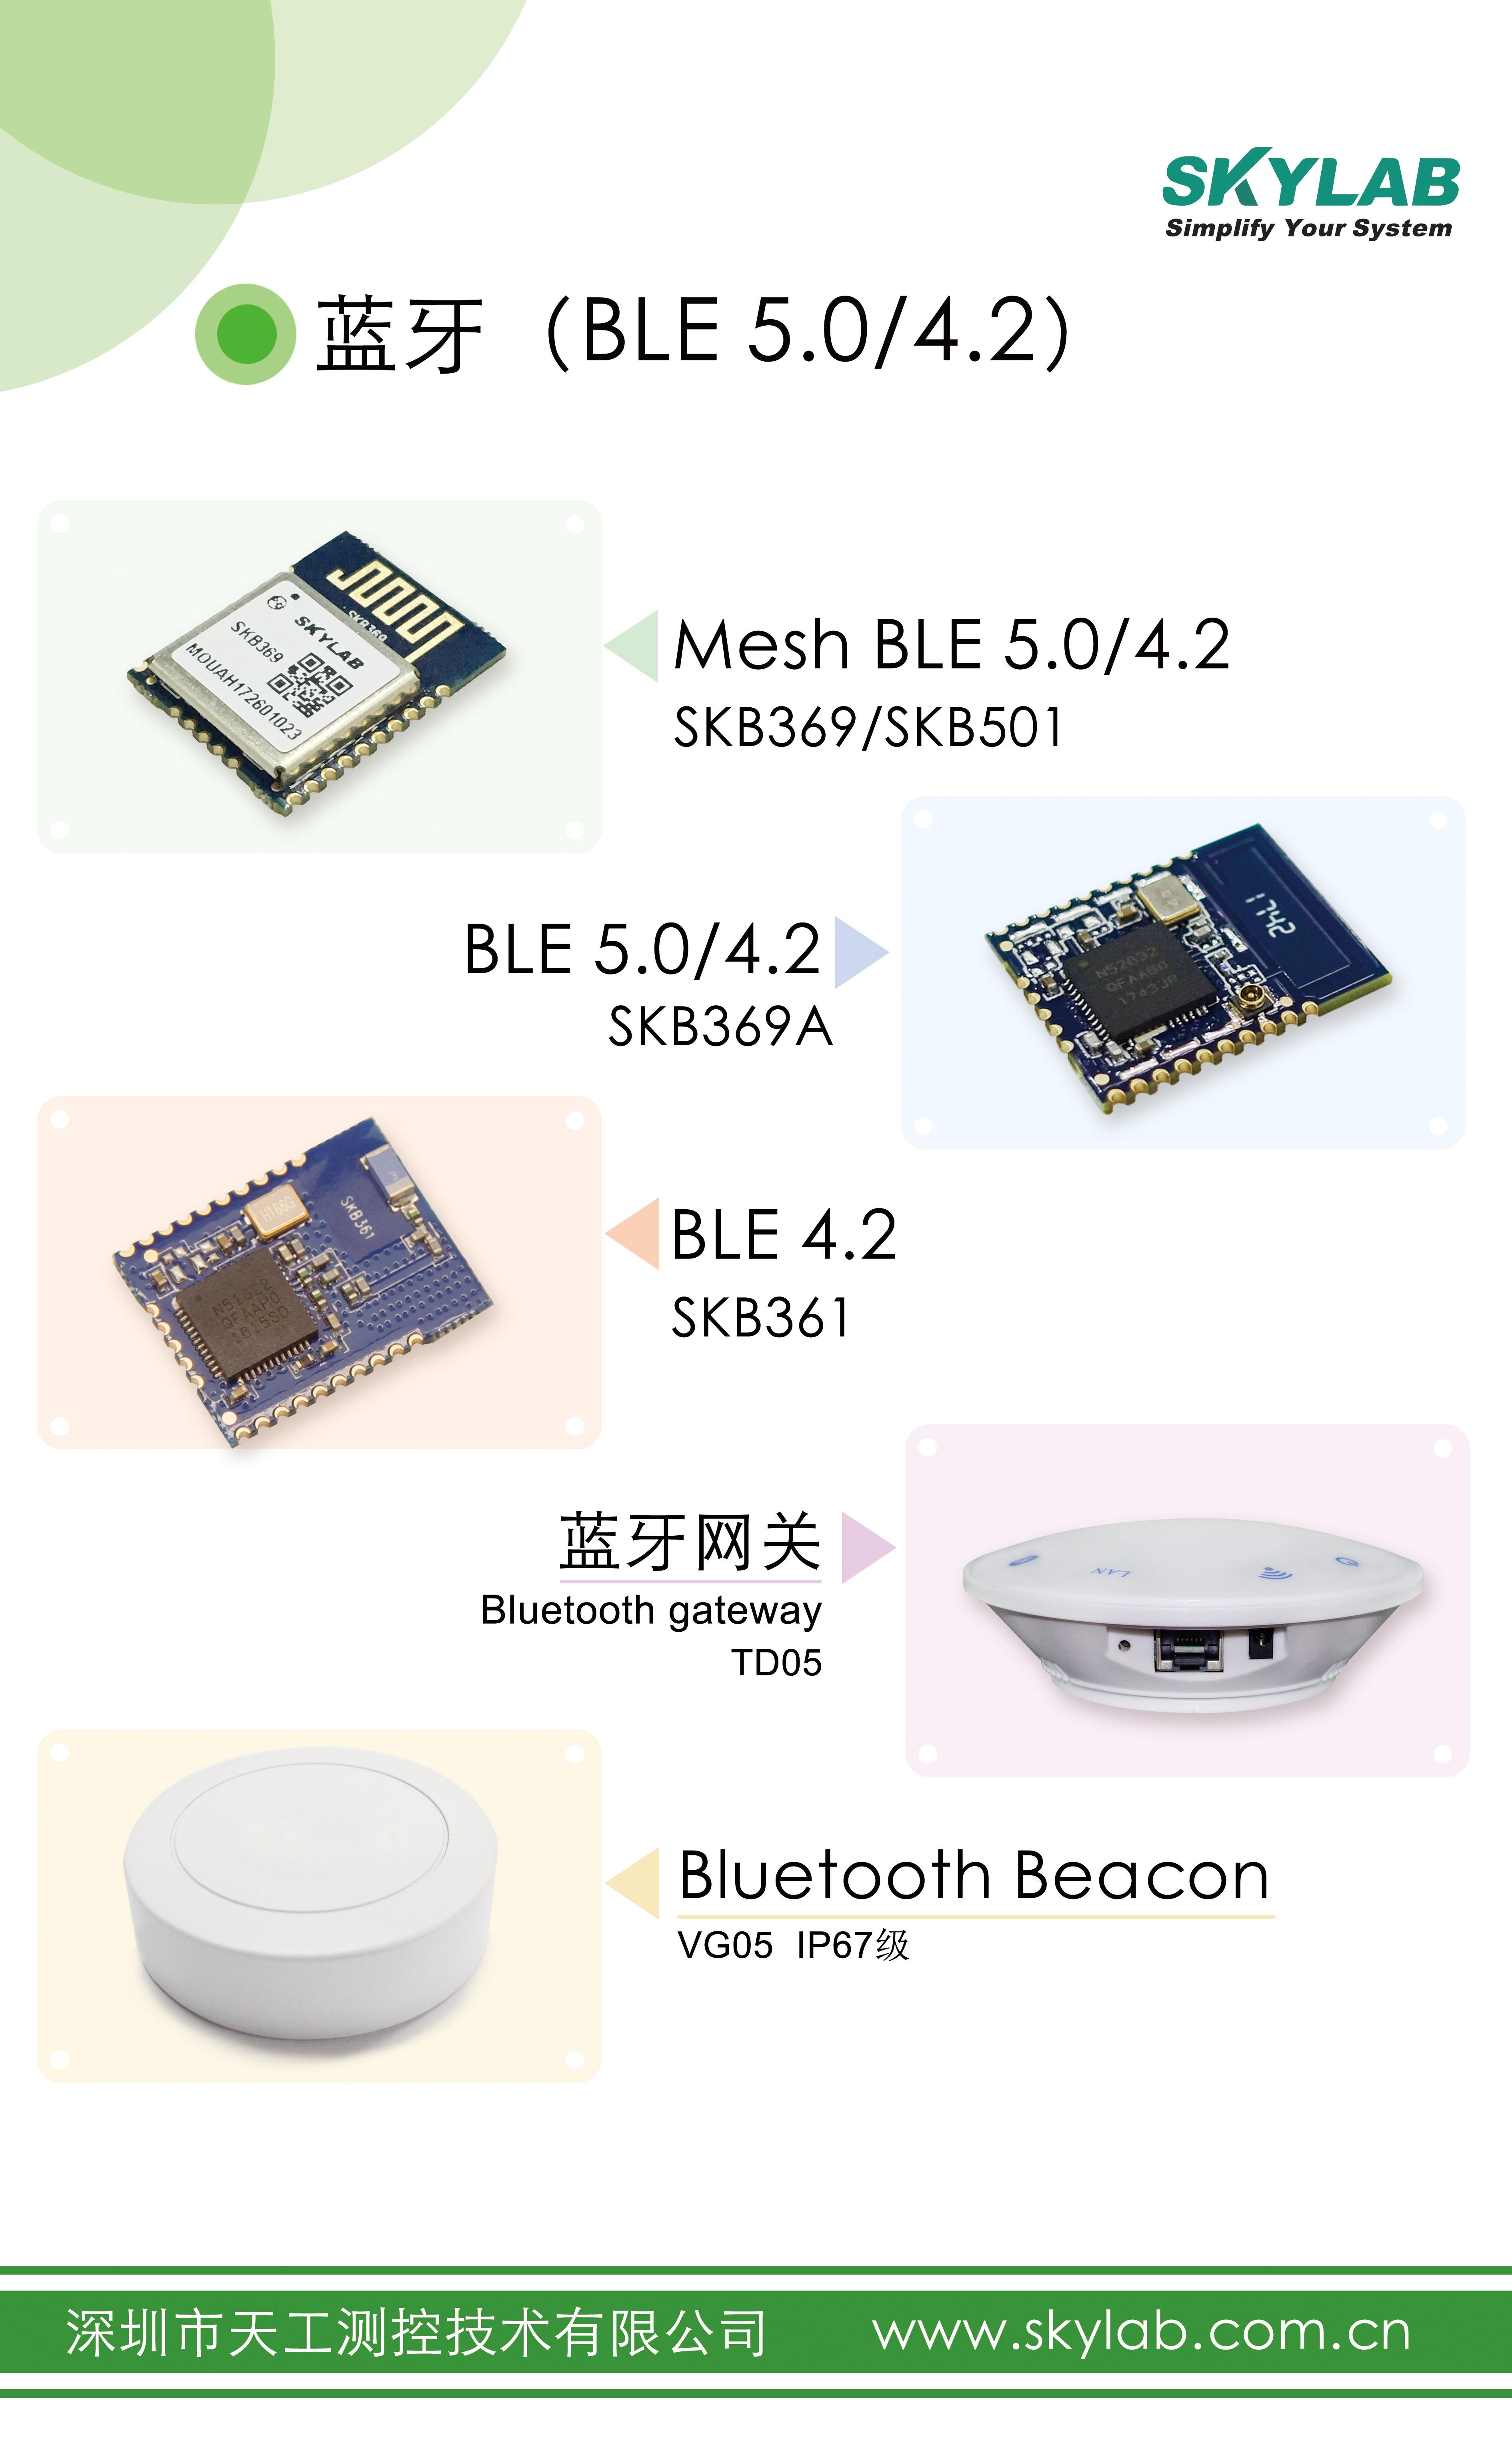 BLE蓝牙模块在物联网领域的典型应用